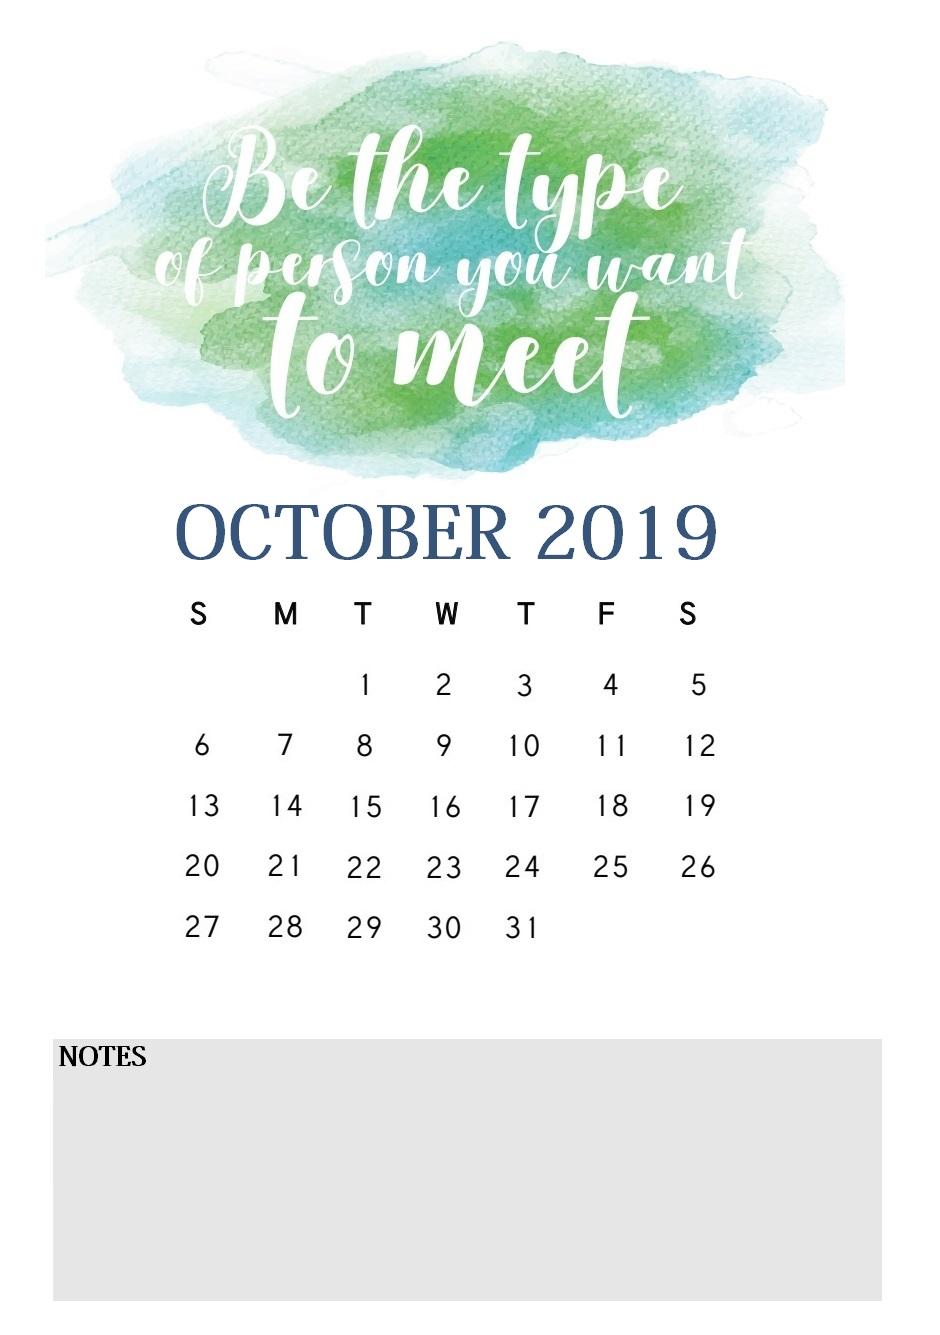 October 2019 Quotes Calendar